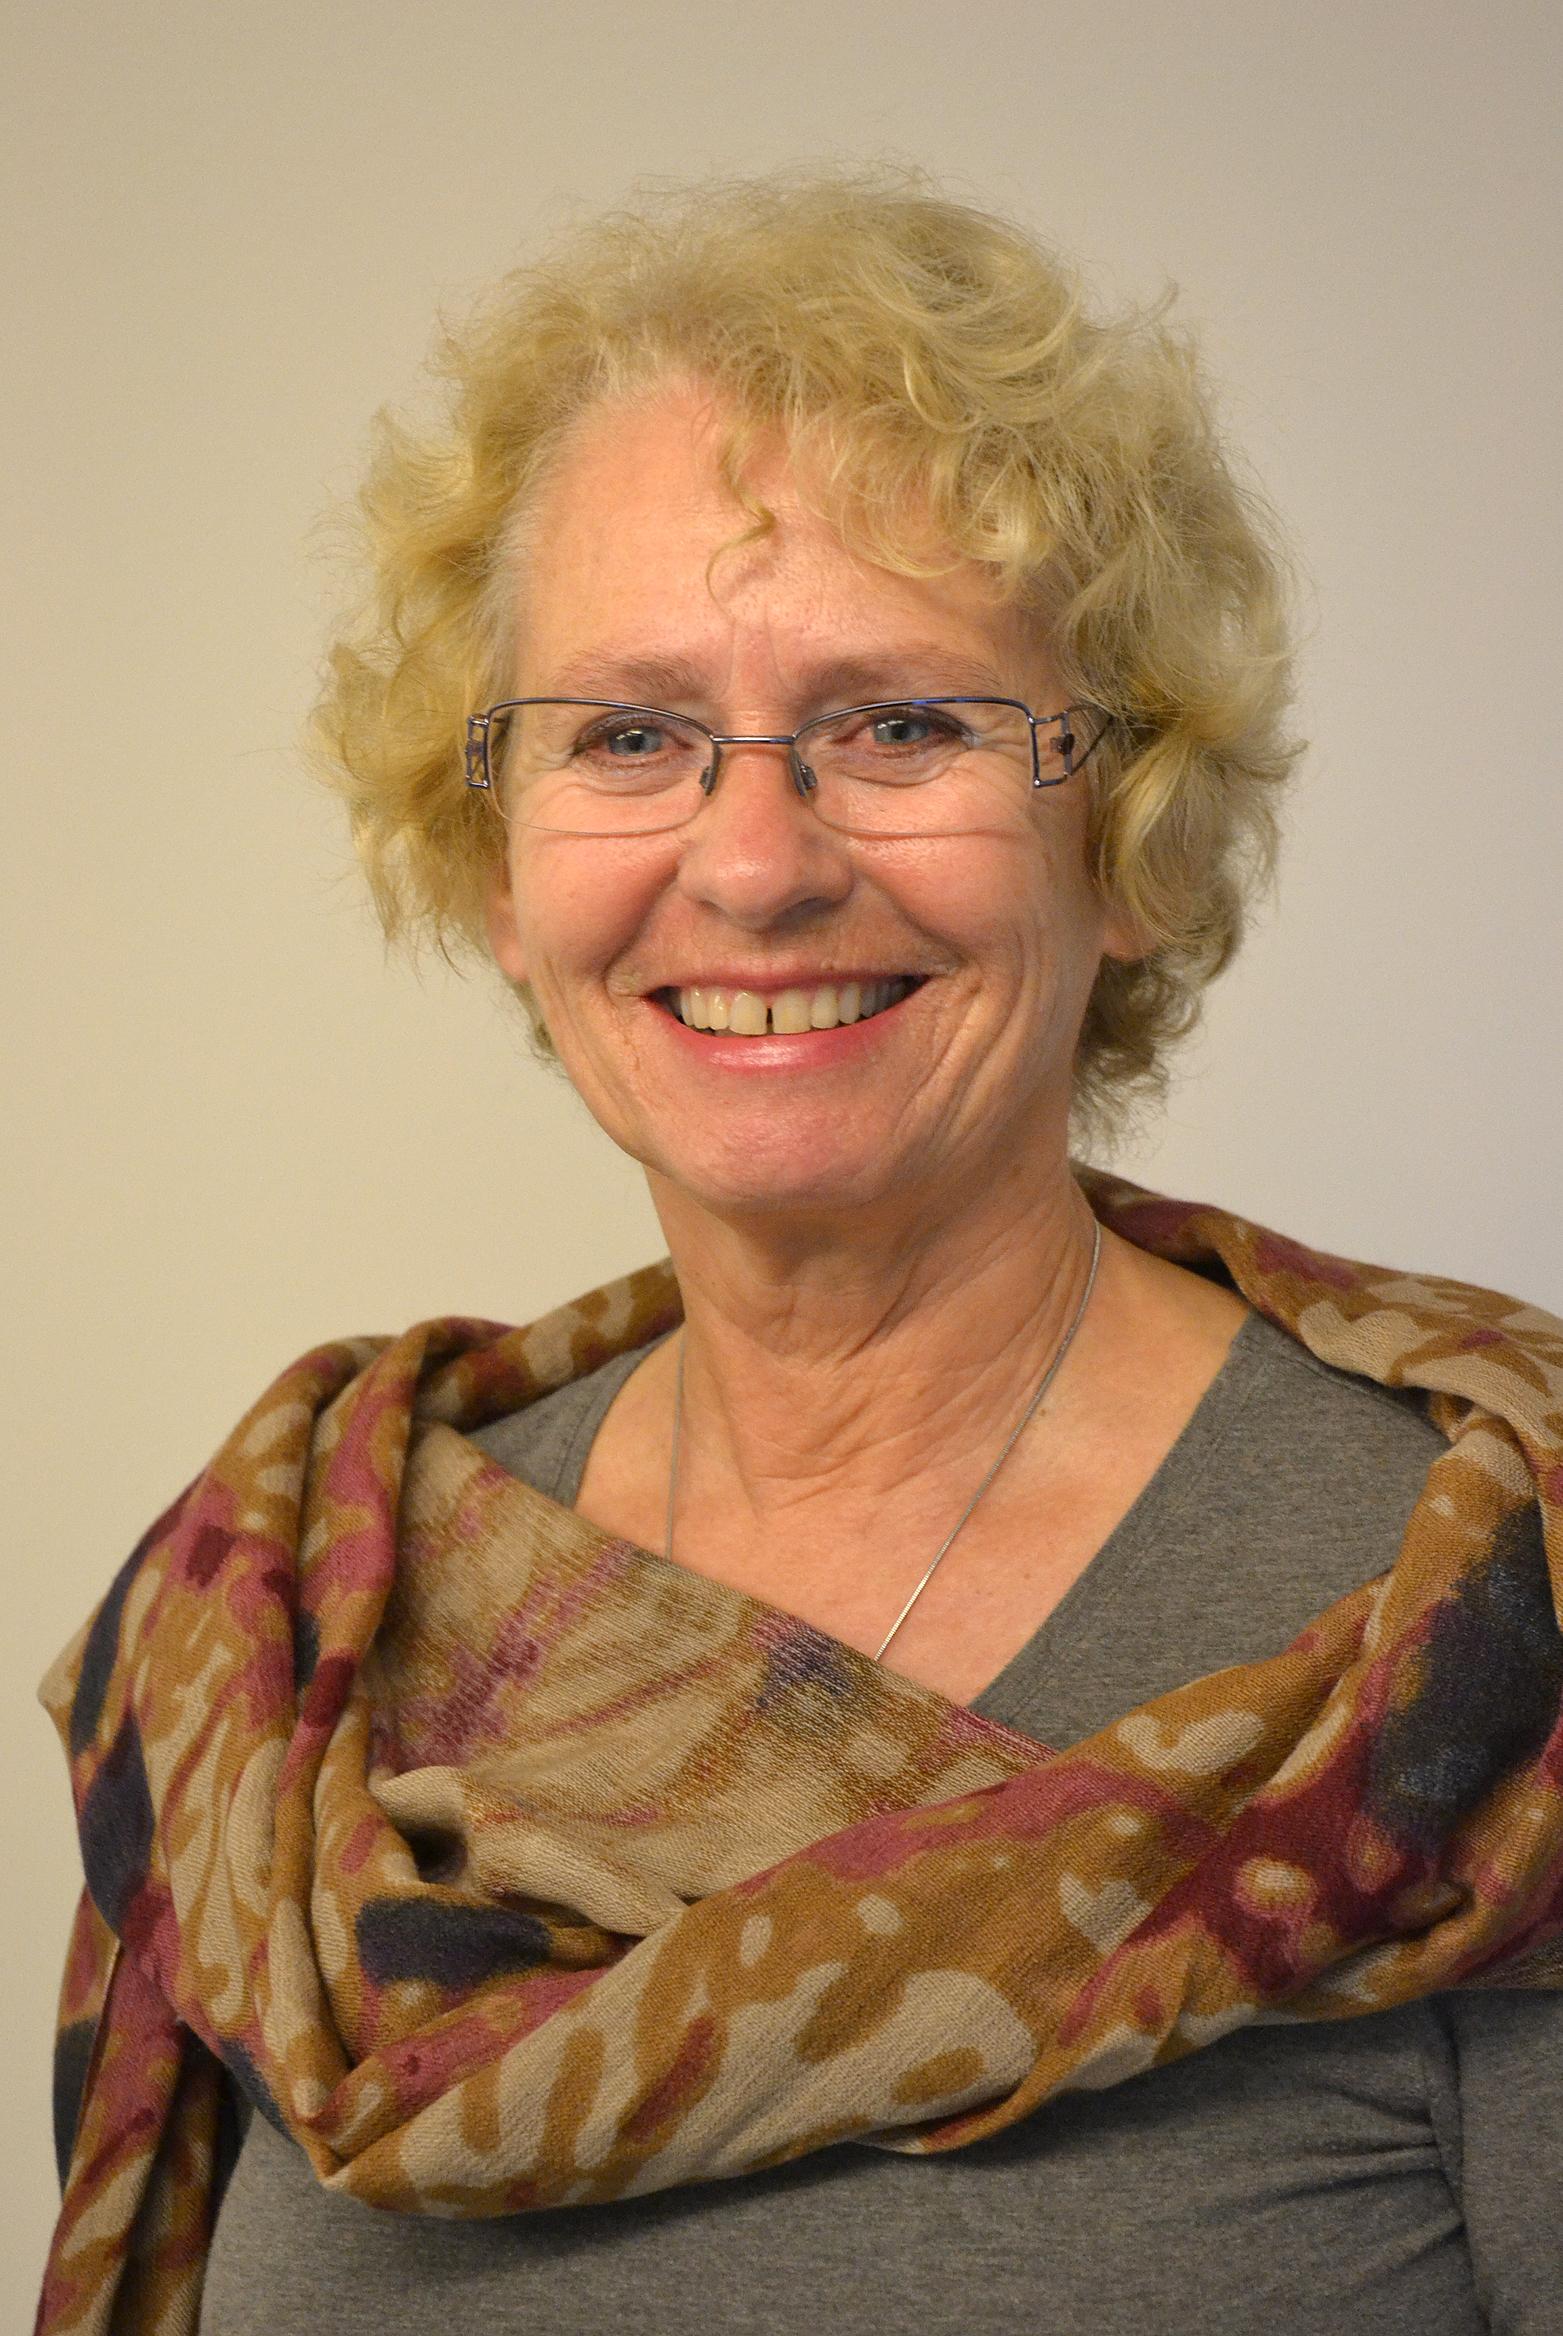 Tordis Landvik